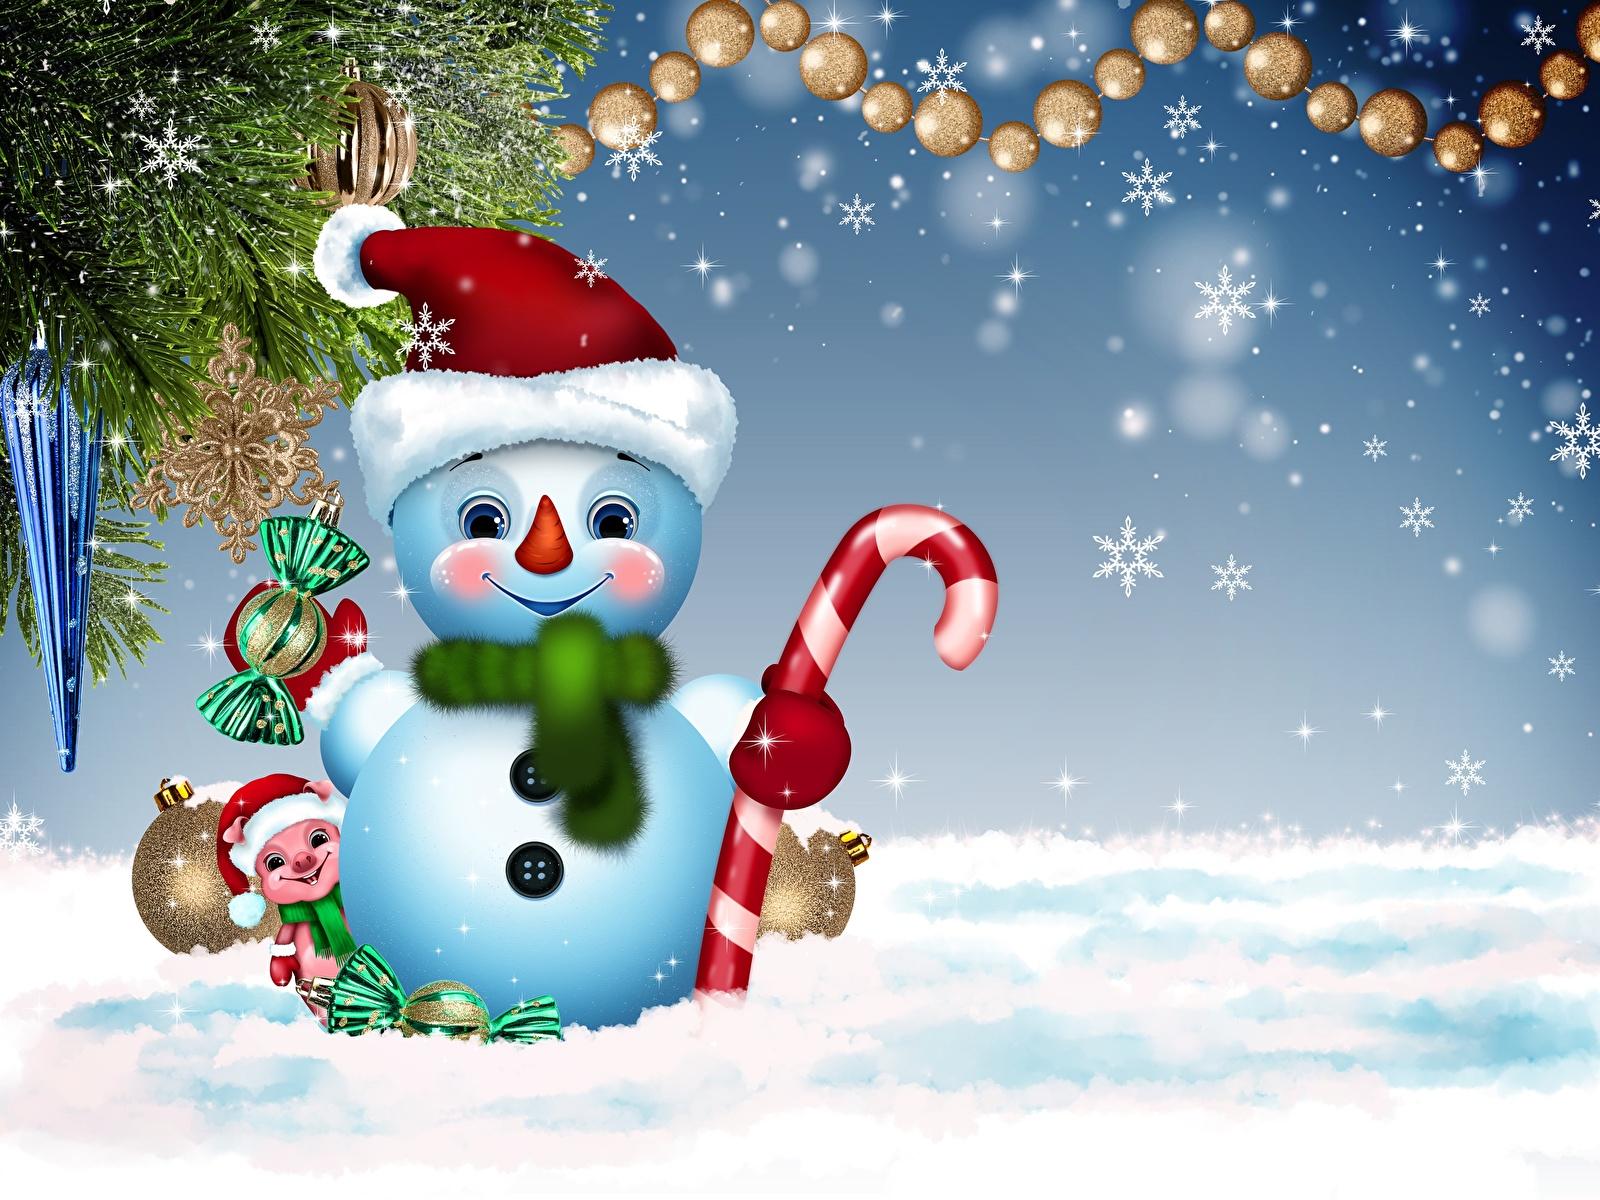 Фотографии Рождество Шарф Шапки снежинка Снеговики 1600x1200 Новый год шарфе шарфом шапка в шапке Снежинки снеговик снеговика